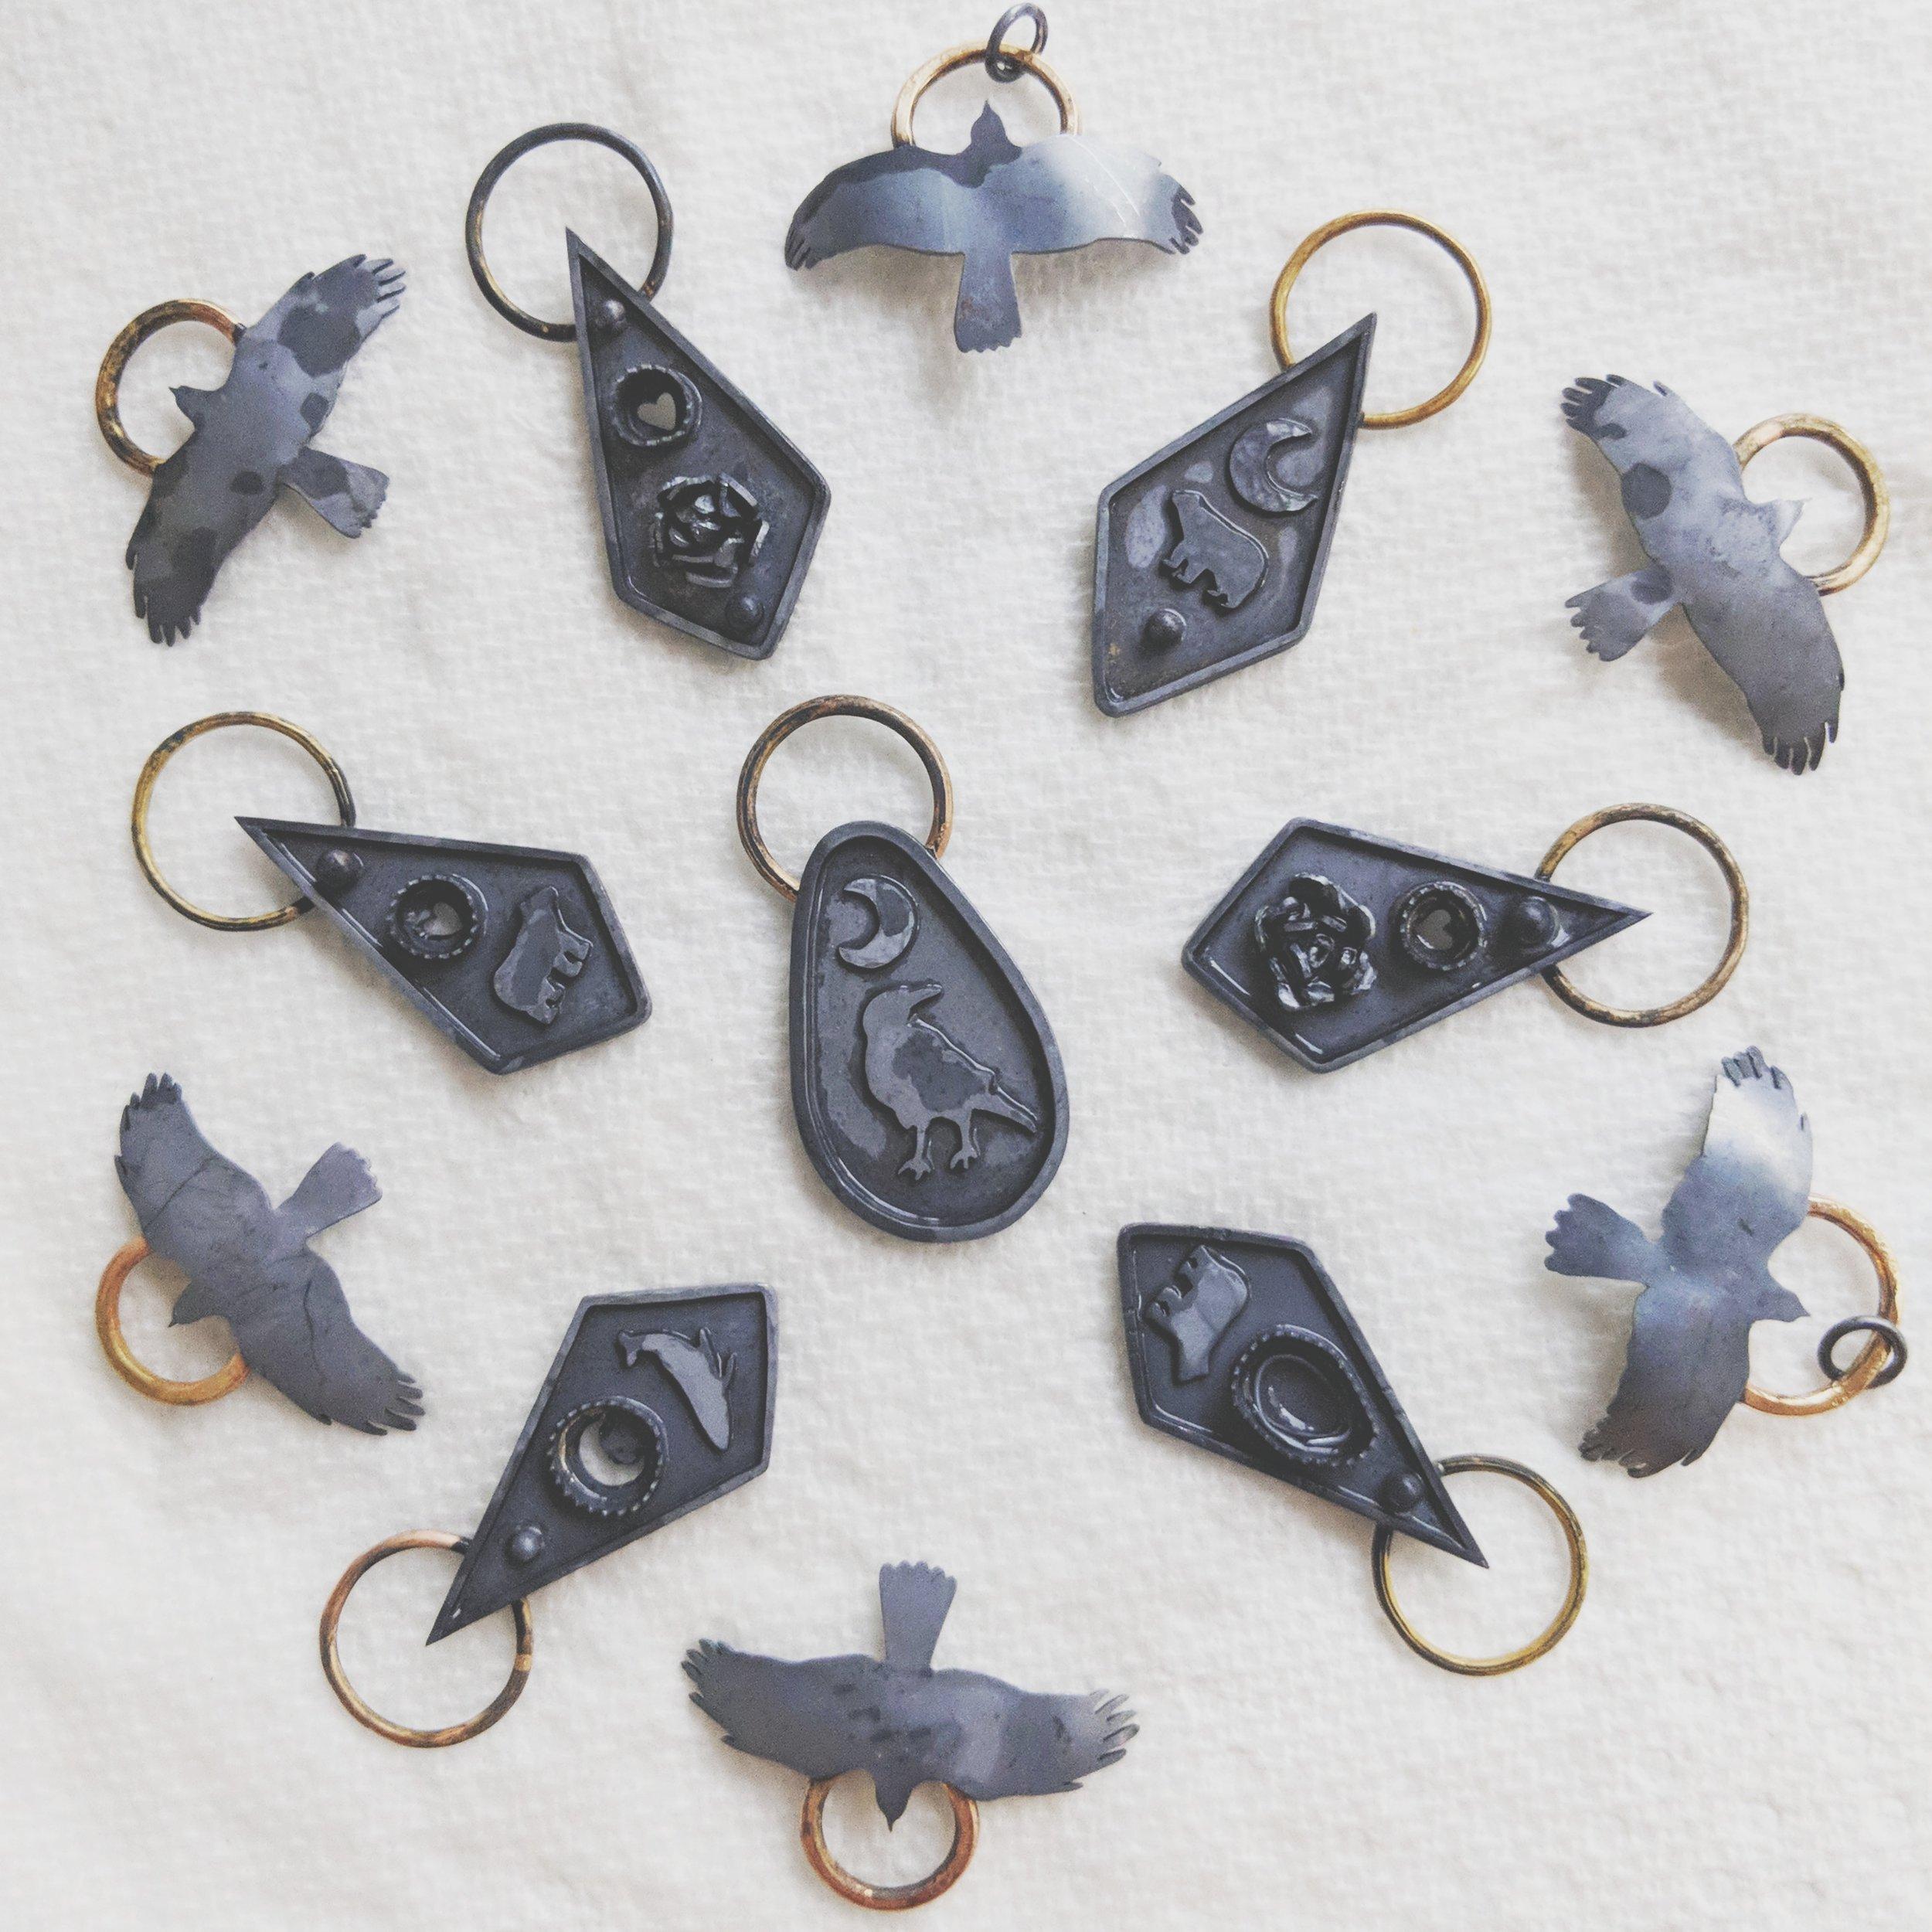 ckj-westcoast-vancouver-wildlife-nature-handmade-jewelry-artisan-silver-gold.jpg